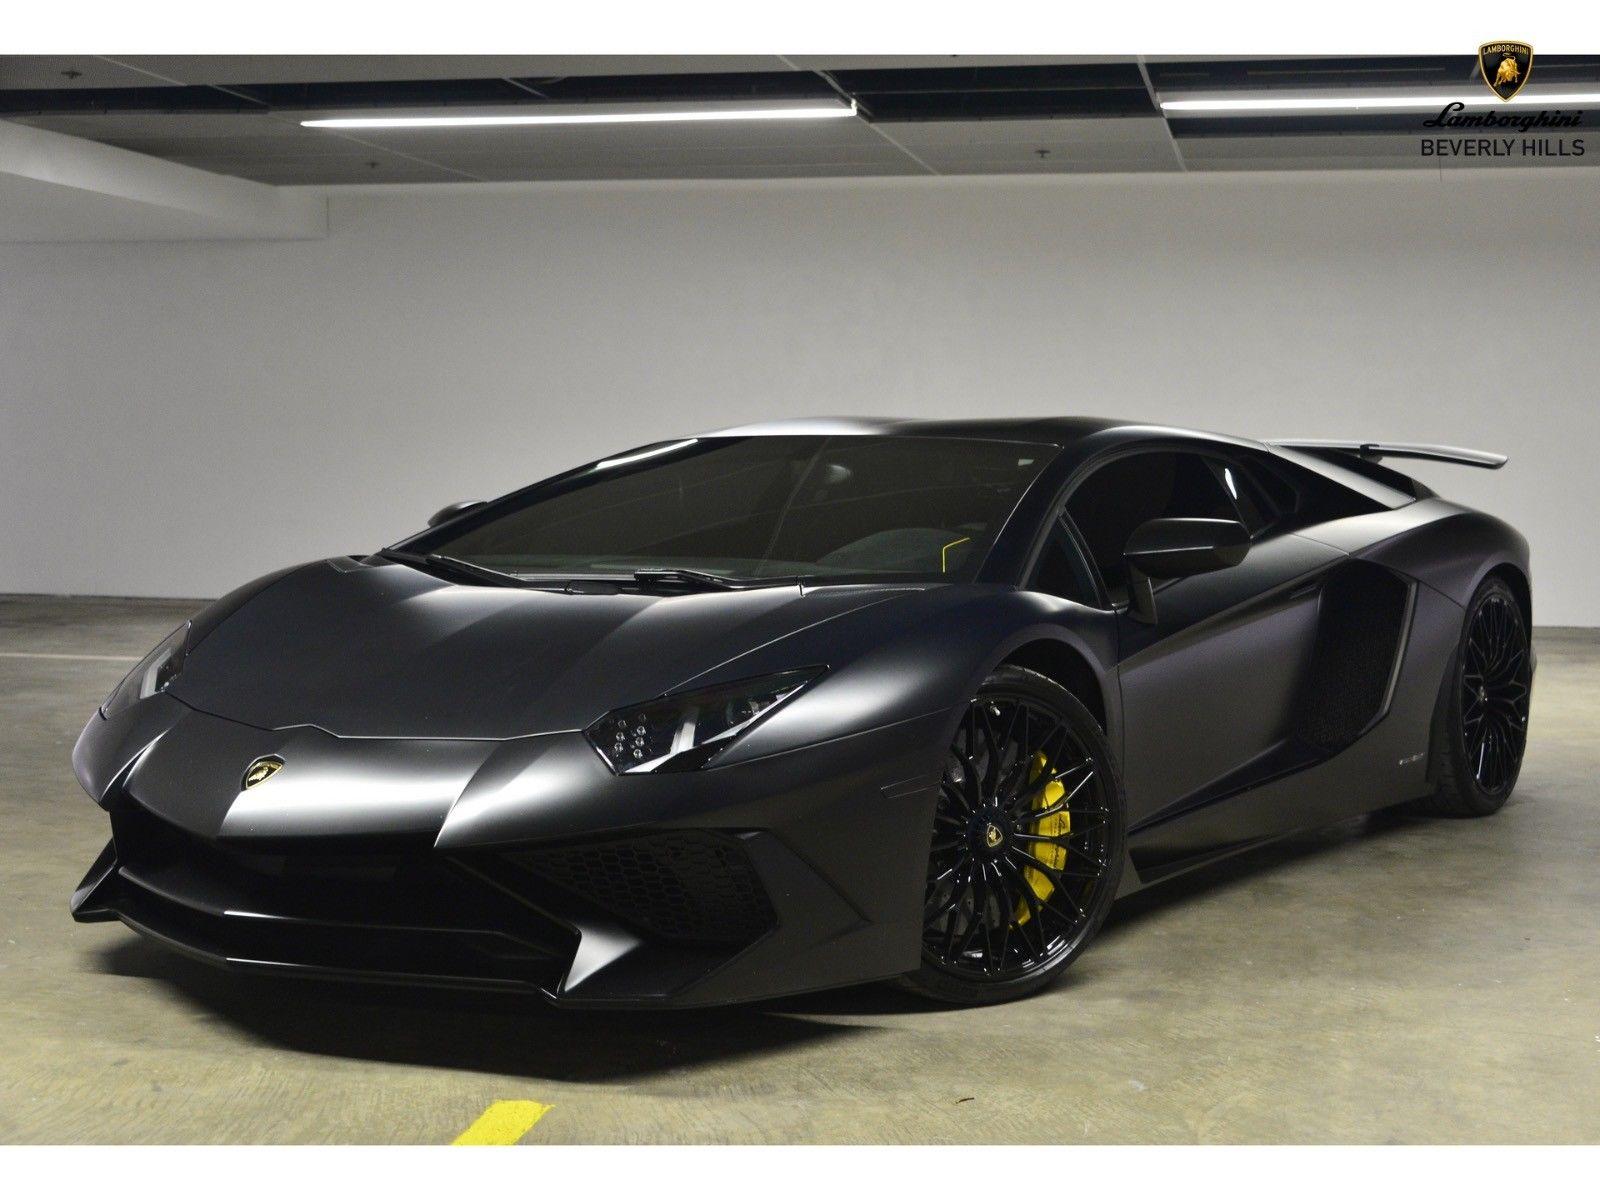 Awesome 2016 Lamborghini Aventador 2016 Lamborghini Aventador Sv 2018 2019 24carshop